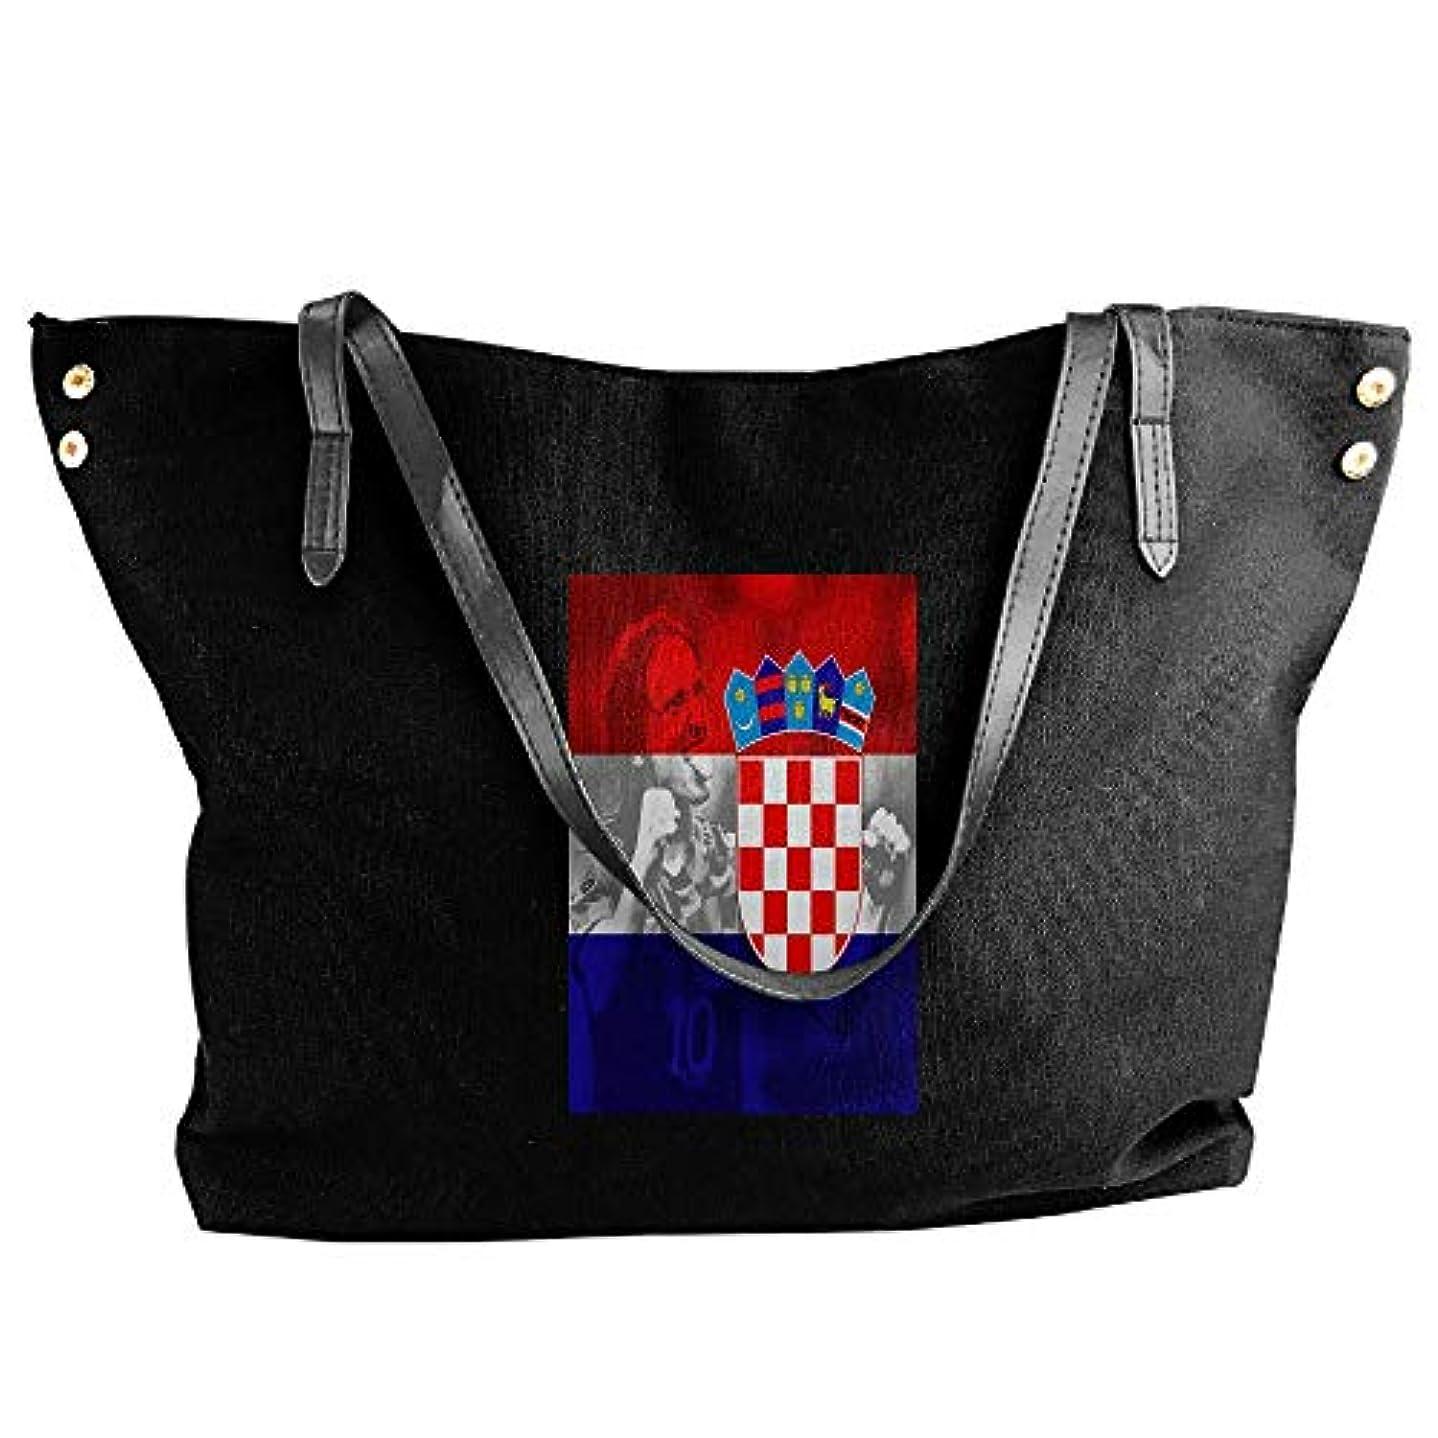 キャプションクラッチ倉庫2019最新レディースバッグ ファッション若い女の子ストリートショッピングキャンバスのショルダーバッグ Croatia 人気のバッグ 大容量 リュック